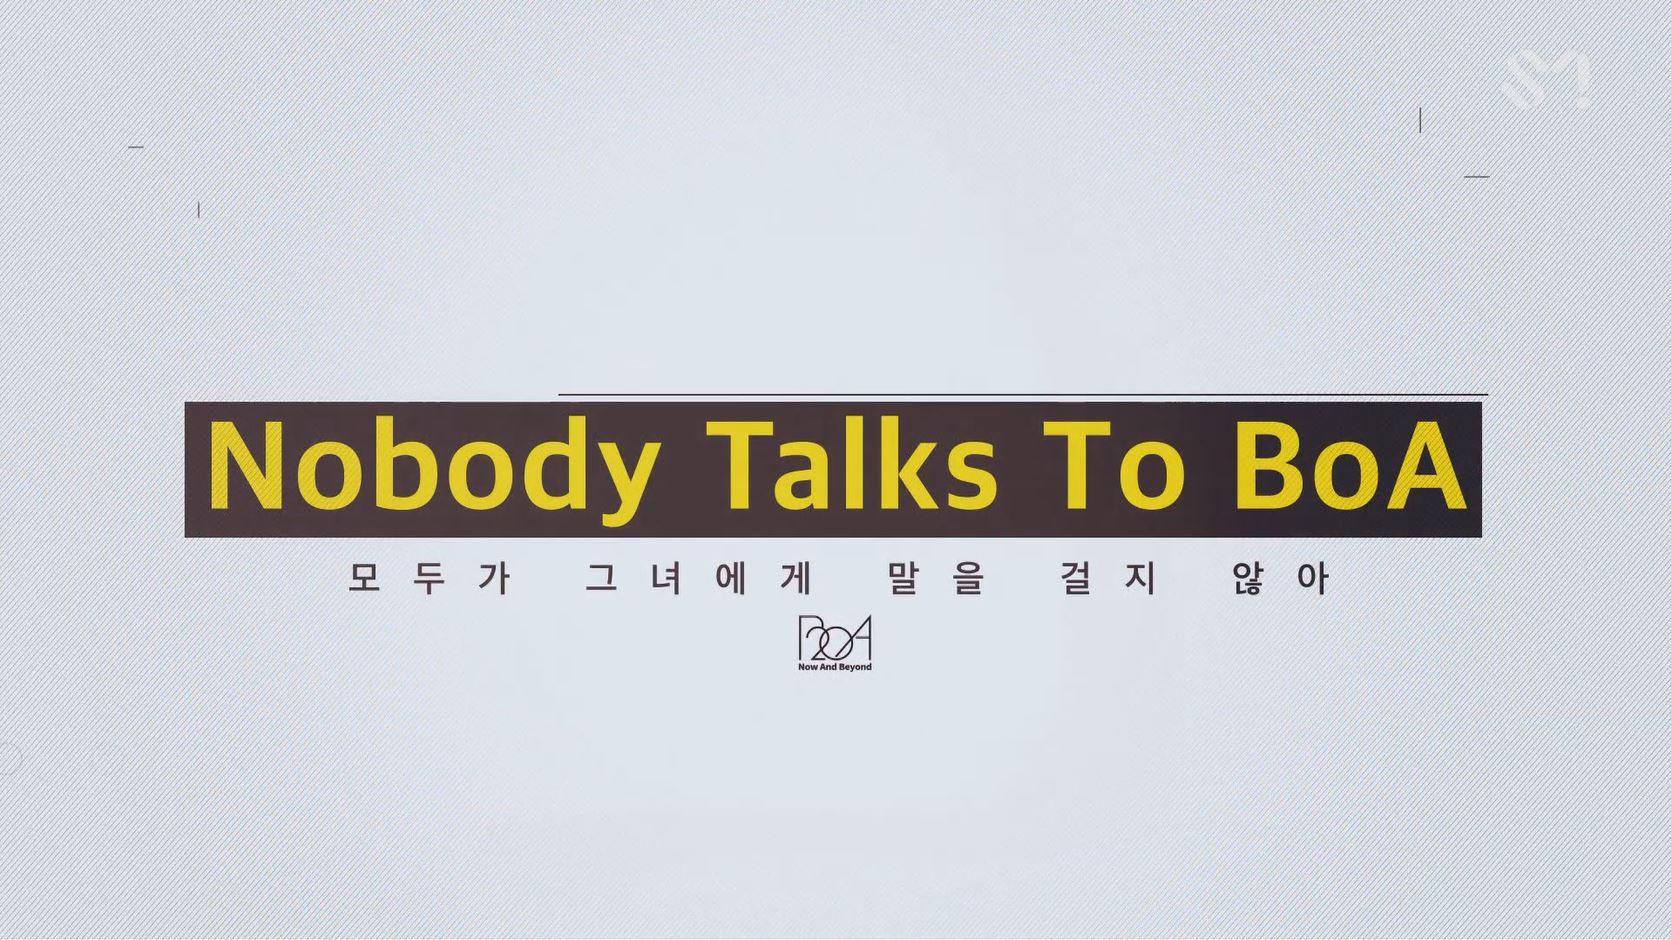 [EP6] <Nobody Talks To BoA - 모두가 그녀에게 말을 걸지 않아> - Next Step